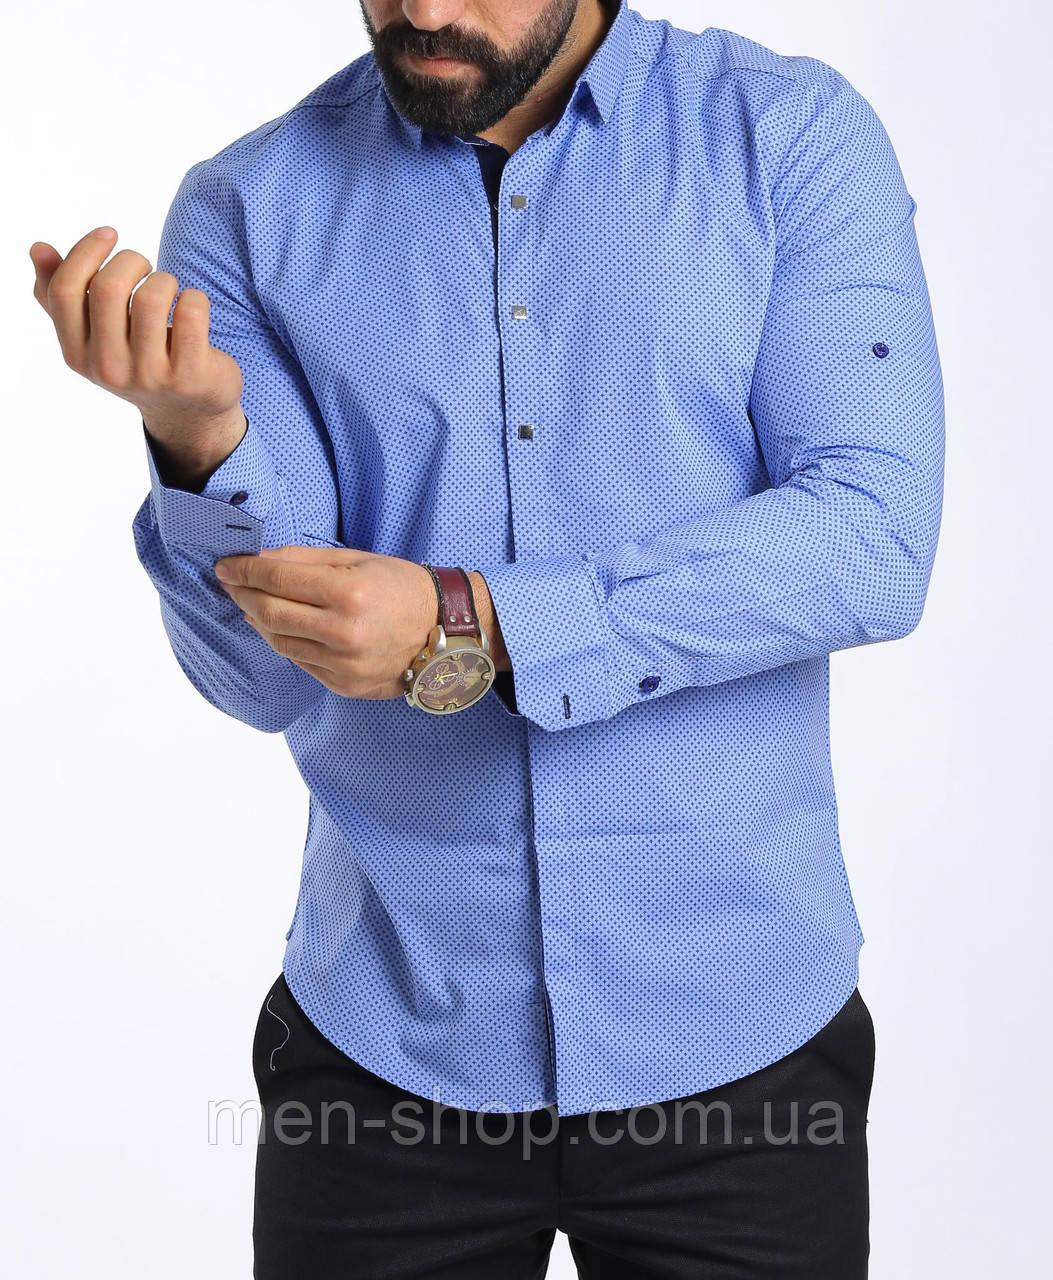 Стильная голубая мужская рубашка